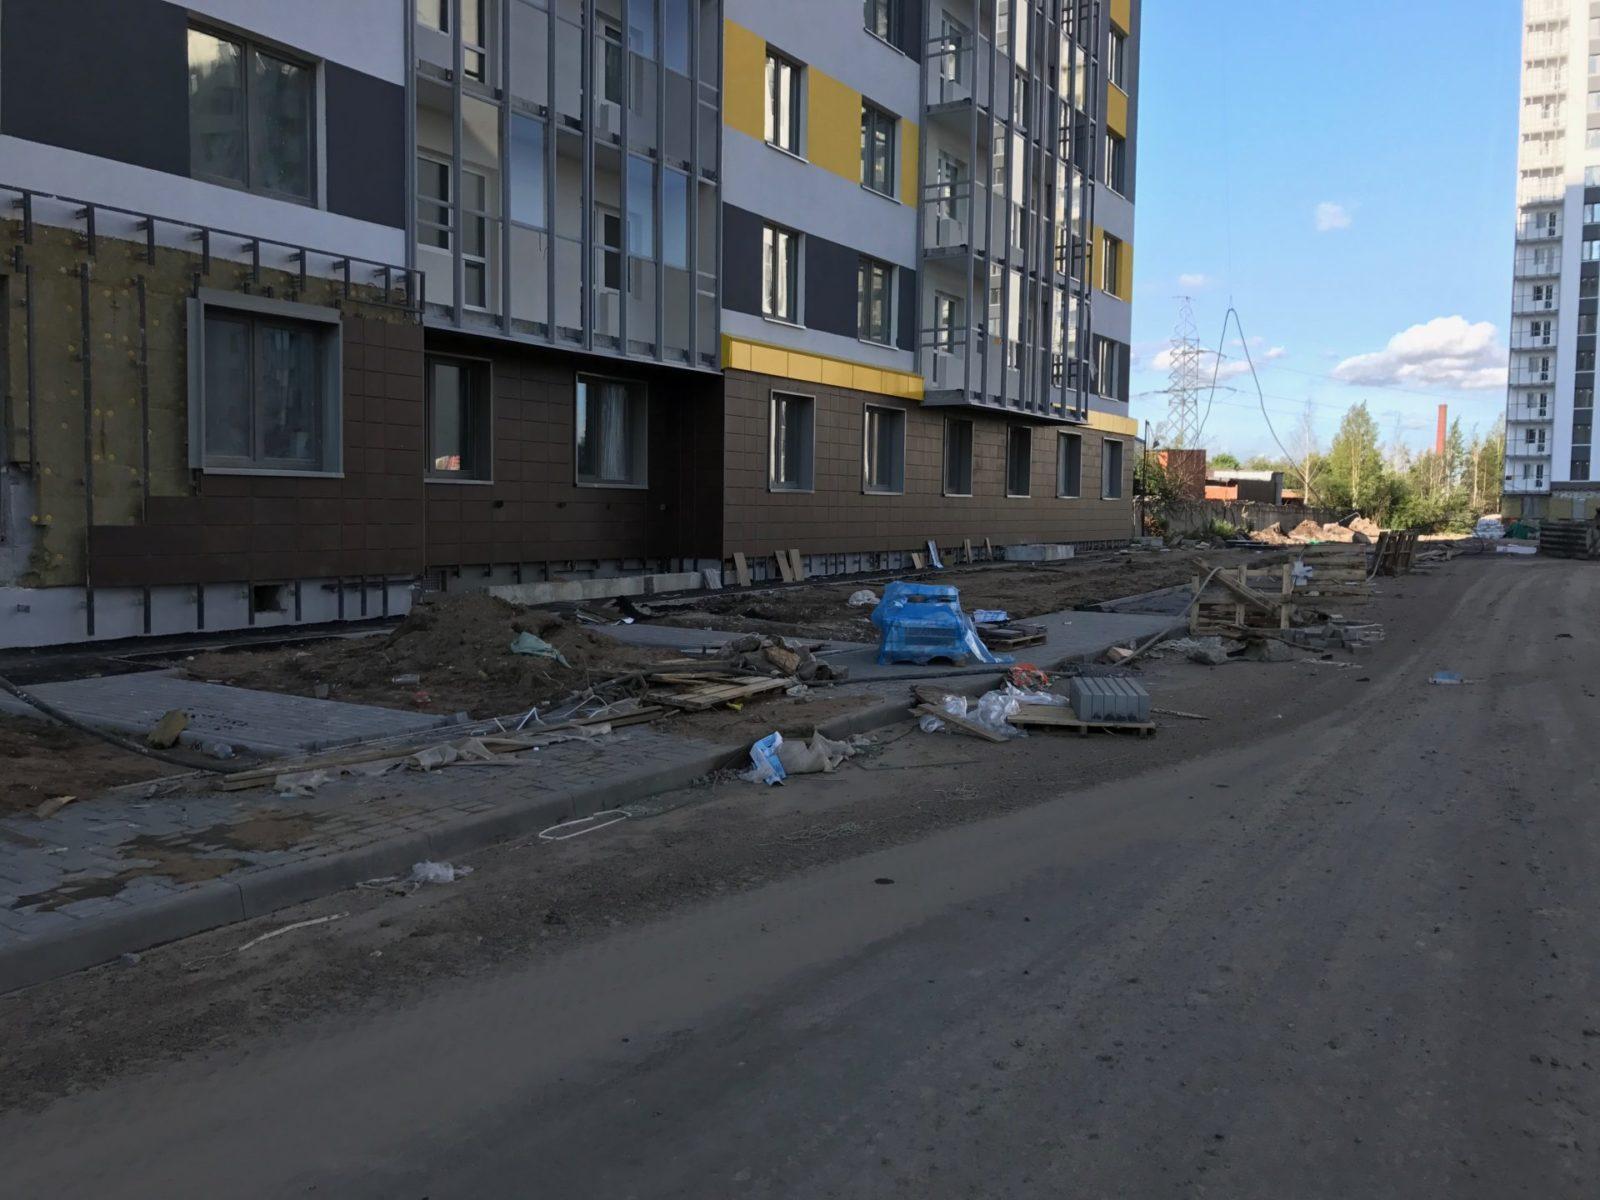 Стоимость выполнения работ по устройству вентилируемых фасадов для ПАО «Группа ЛСР» в Петербурге